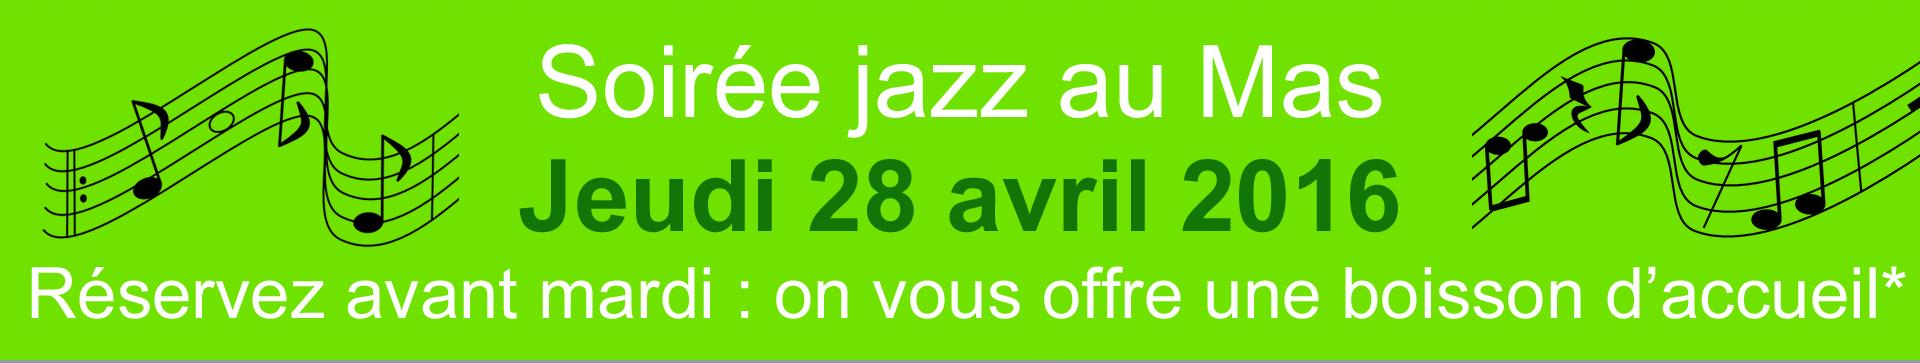 soirée jazz bandeau aix en provence